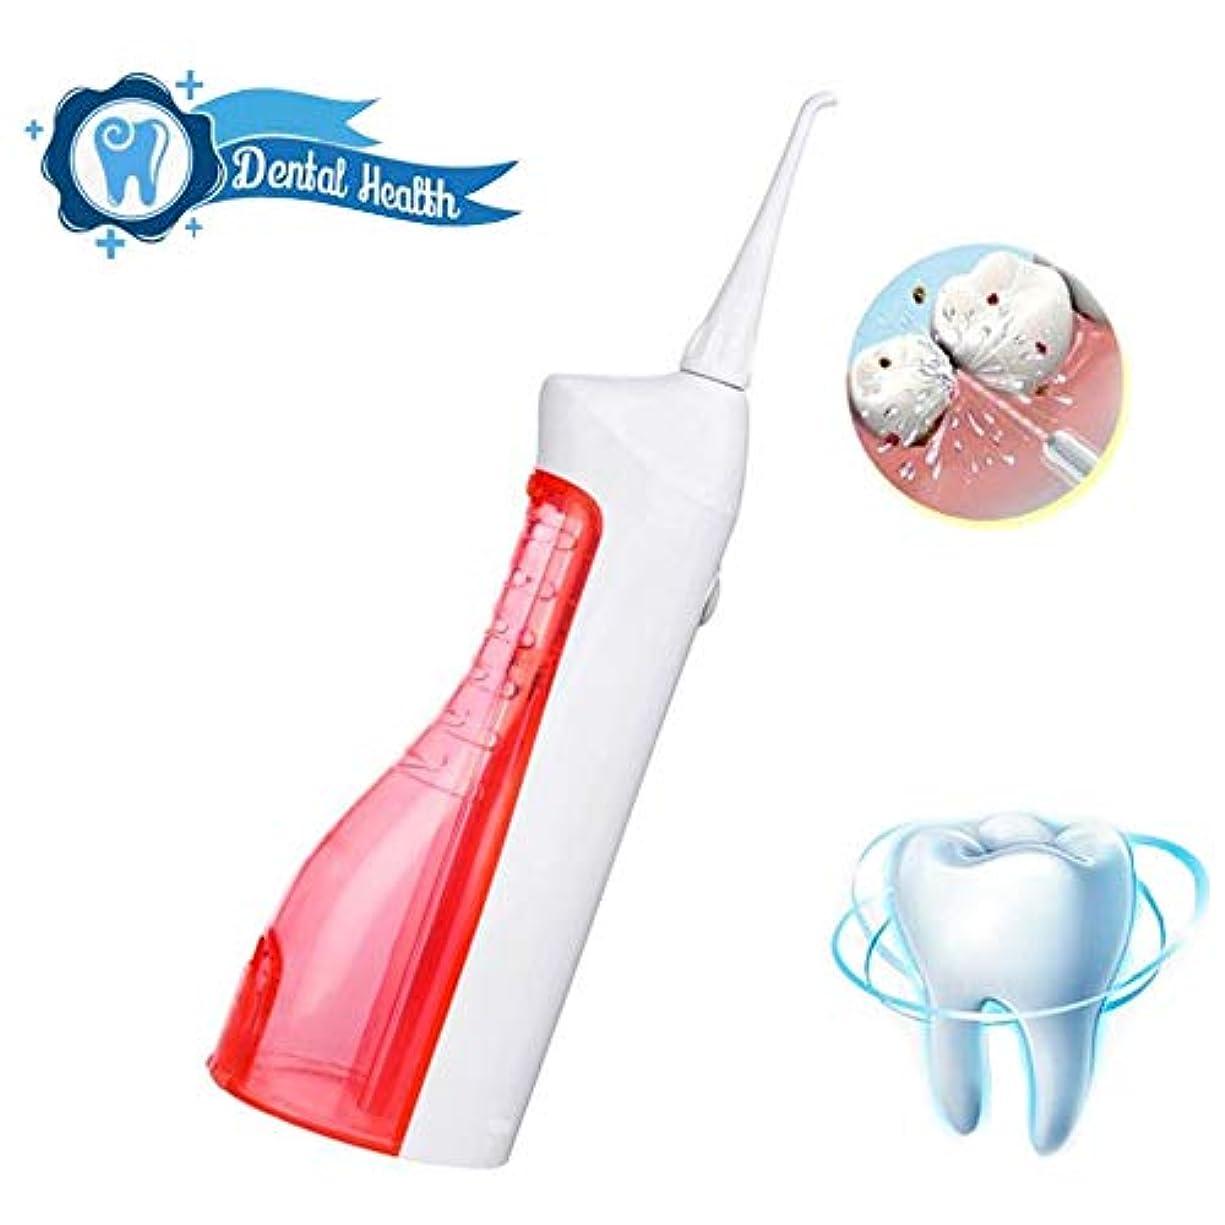 かんたんカテナ行う歯のためのウォーターフロッサー、ポータブルプロフェッショナルコードレス歯科口腔灌漑器(150mlタンク、2本のジェットチップ付き)歯磨き粉用クリーナー、2つのクリーニングモード、USB充電式、IPX7